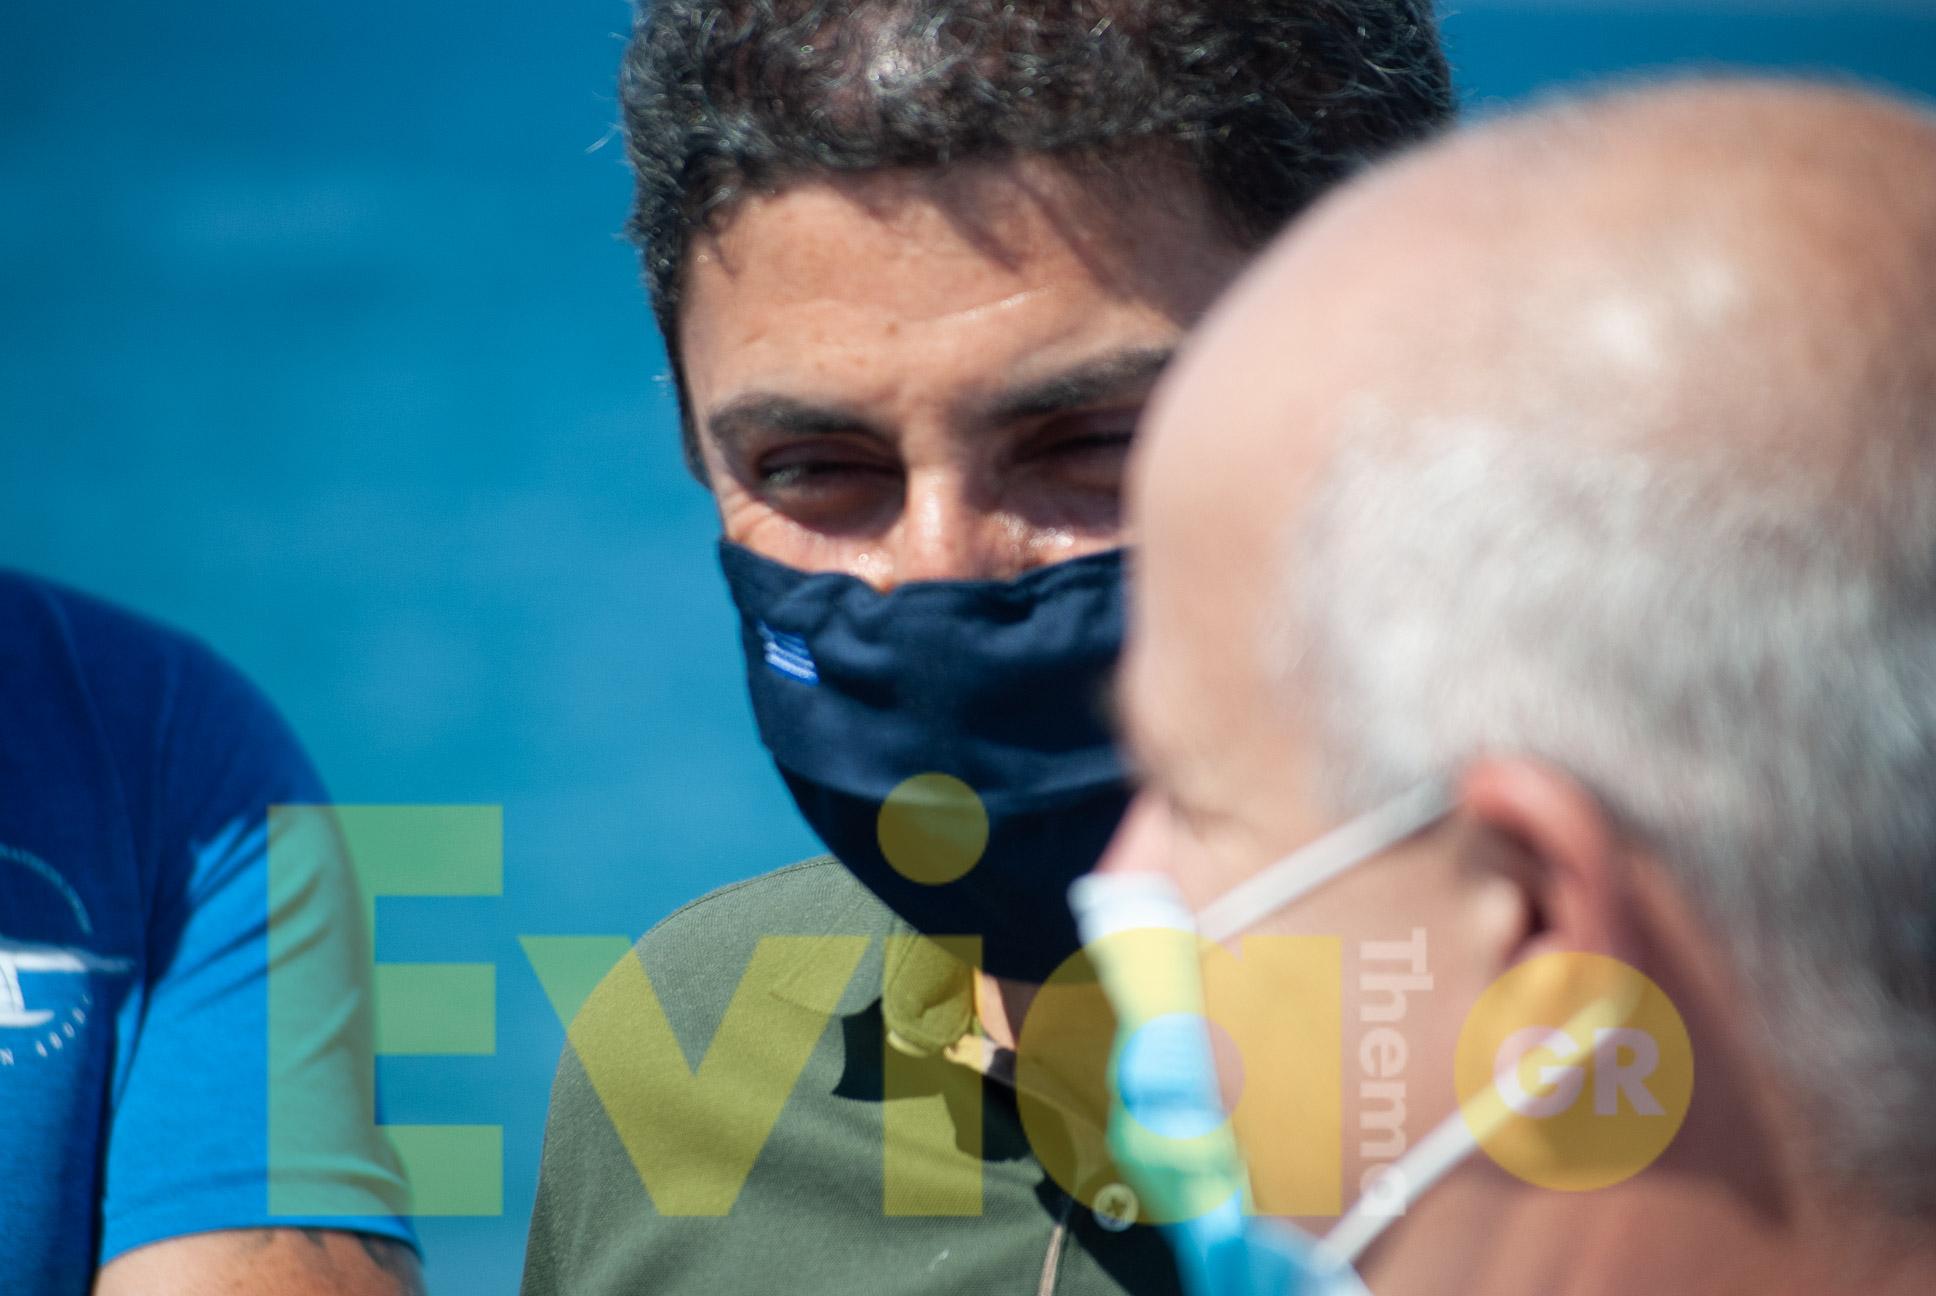 Ο Λευτέρης Αυγενάκης και η Άντελα Γκερέκου στο Πευκί, Ο Λευτέρης Αυγενάκης και η Άντζελα Γκερέκου στο Πευκί για τον Αυθεντικό Μαραθώνιο Κολύμβησης [ΦΩΤΟΓΡΑΦΙΕΣ – ΒΙΝΤΕΟ], Eviathema.gr | ΕΥΒΟΙΑ ΝΕΑ - Νέα και ειδήσεις από όλη την Εύβοια